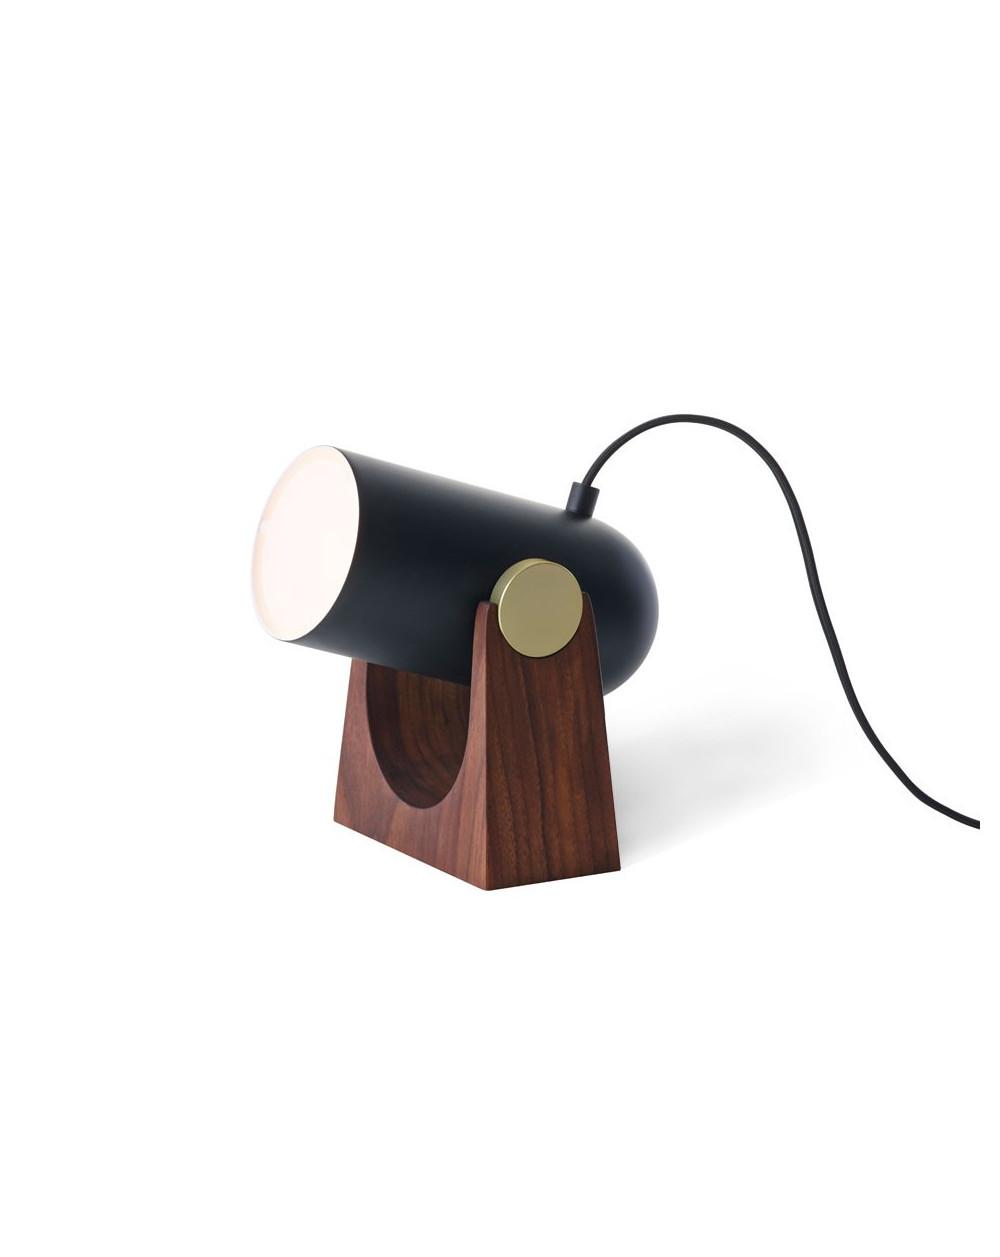 CARRONADE TABLE - WALL LAMP Markus Johansson Le Klint